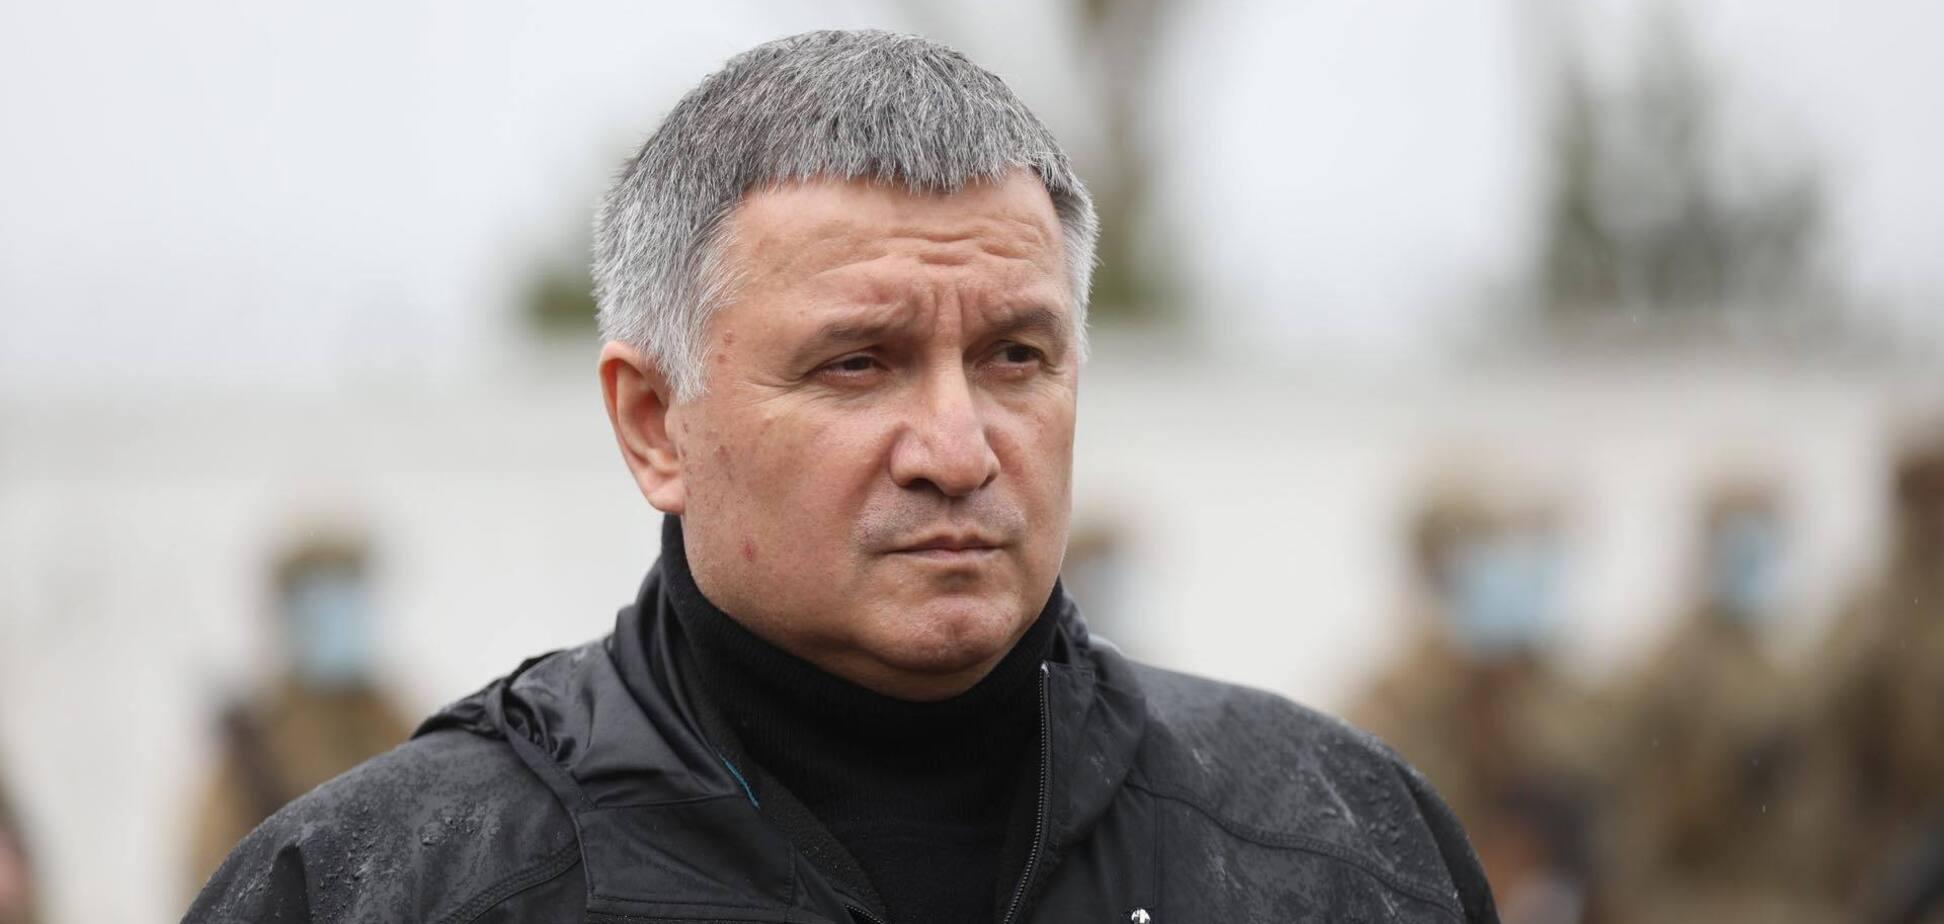 Аваков пригрозил России огромными потерями в случае вторжения в Украину